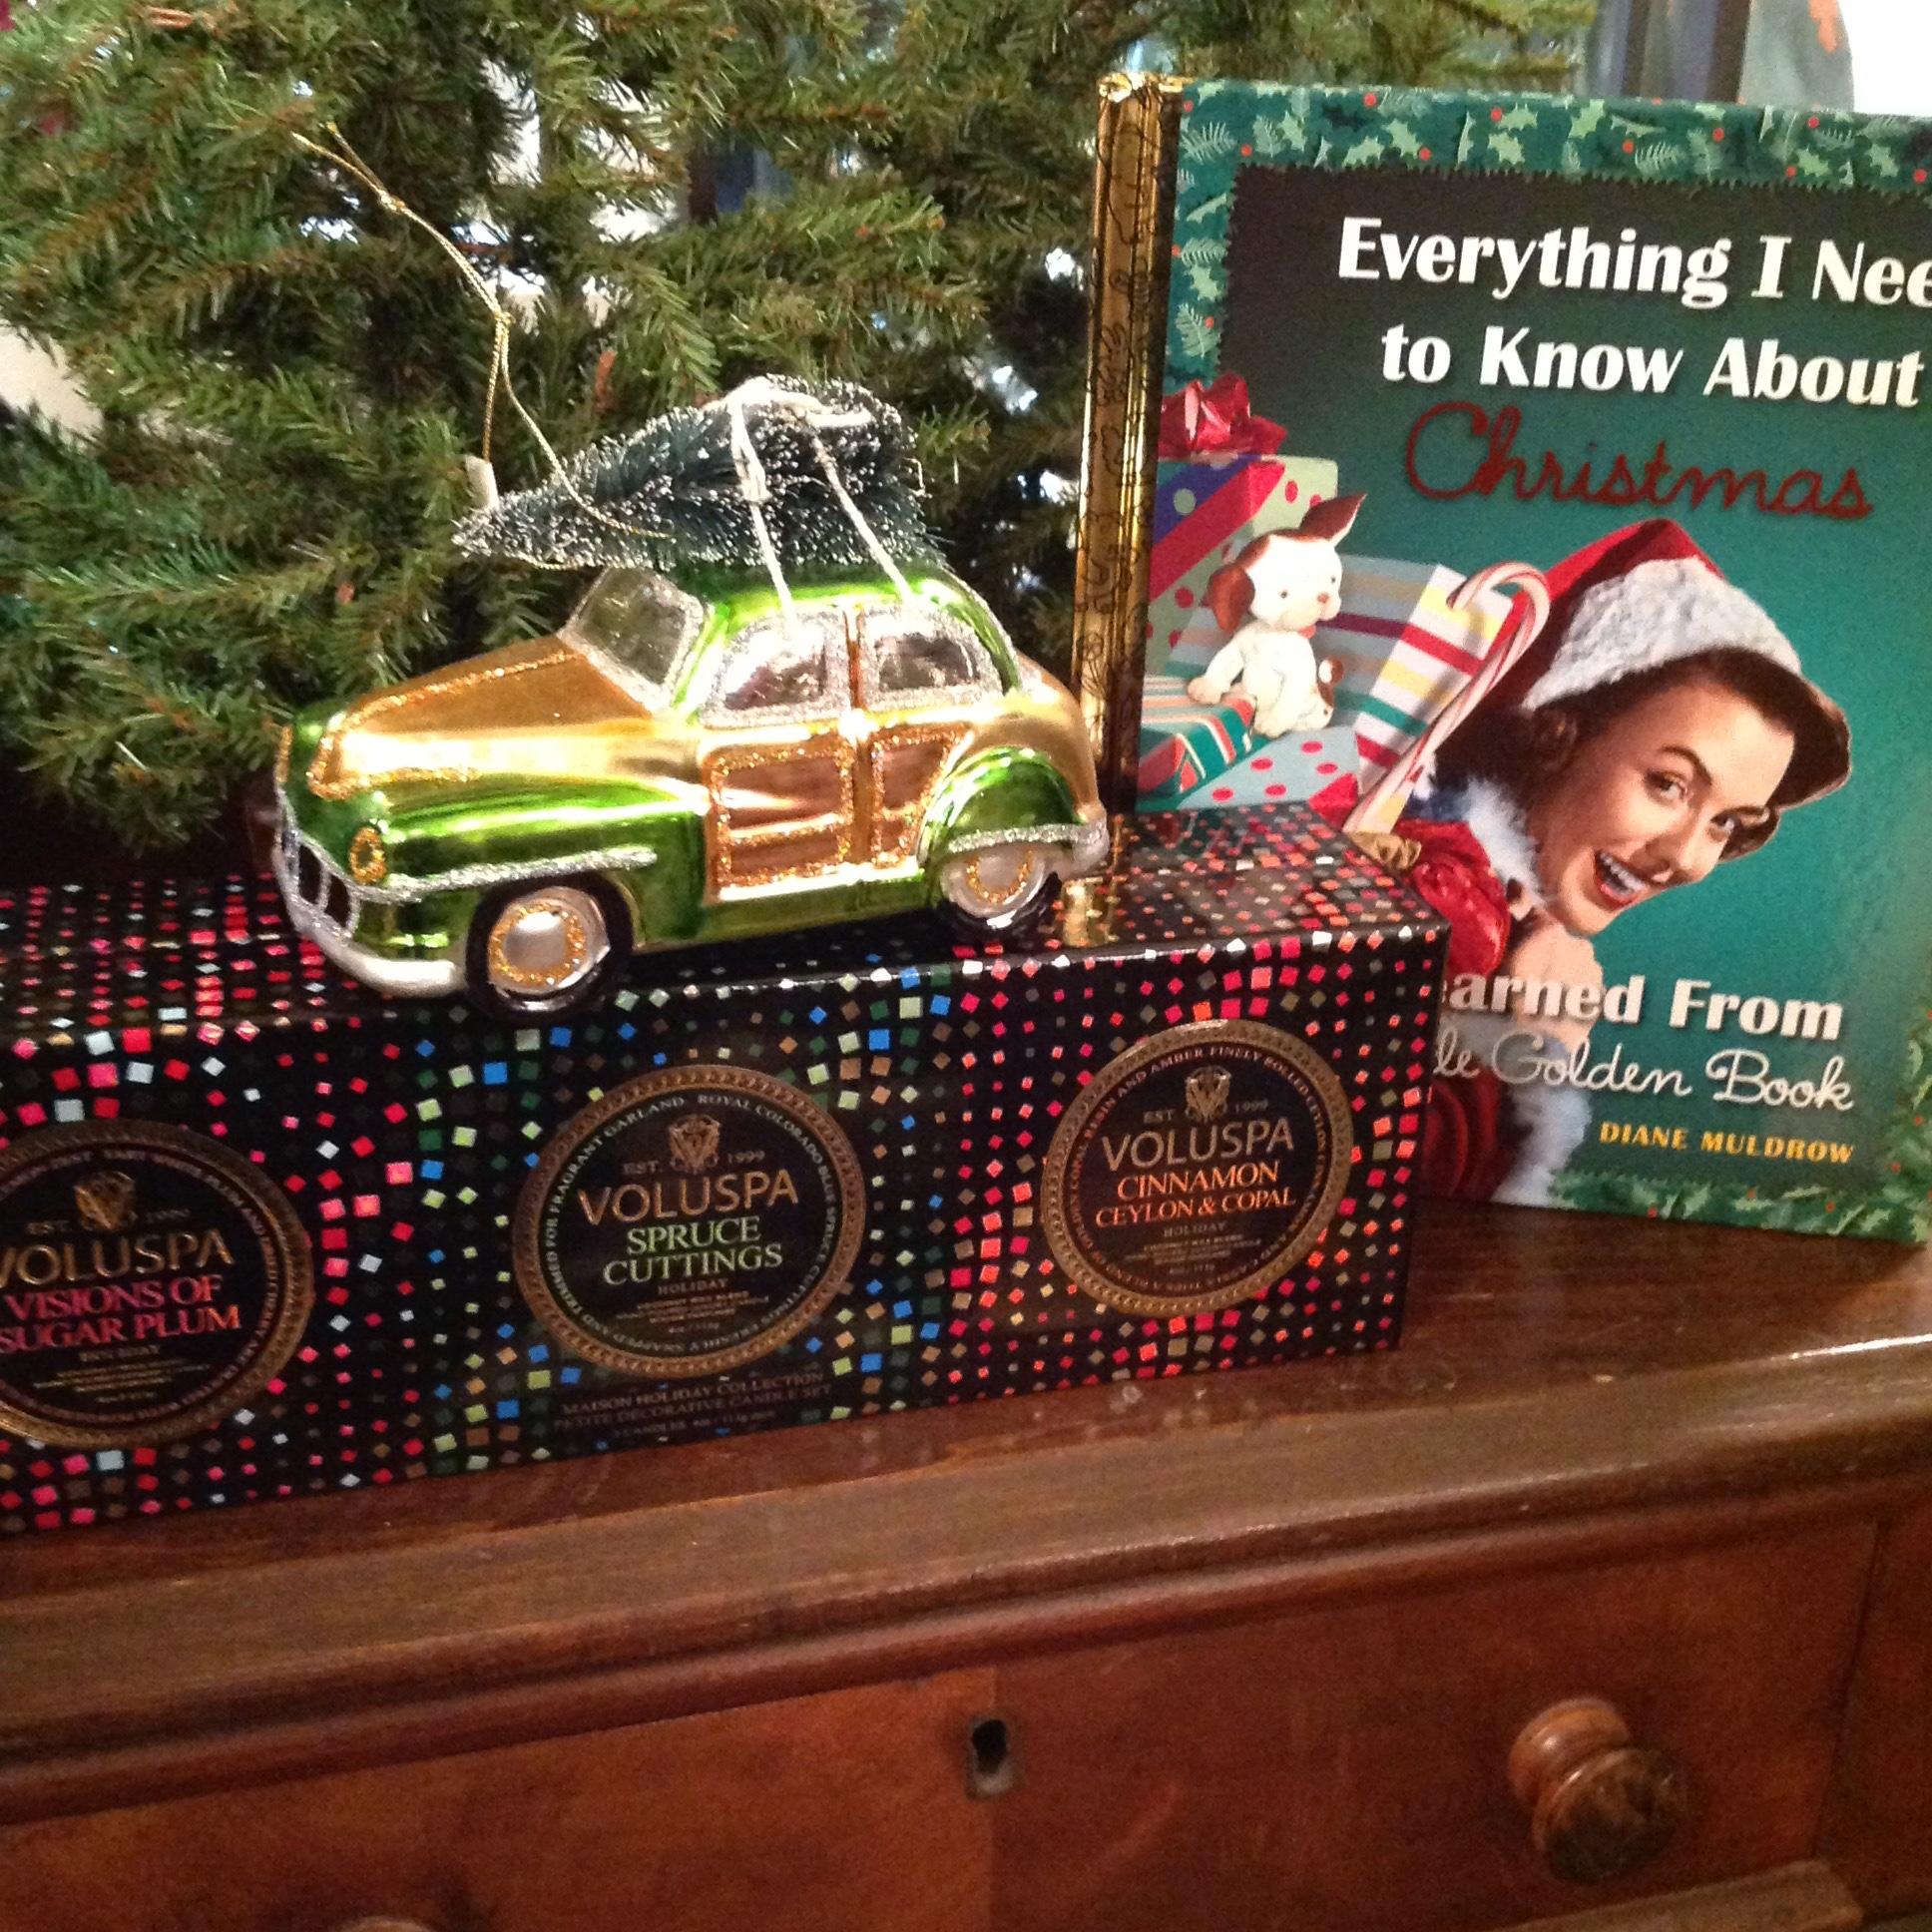 Retro Ornaments and Golden Books